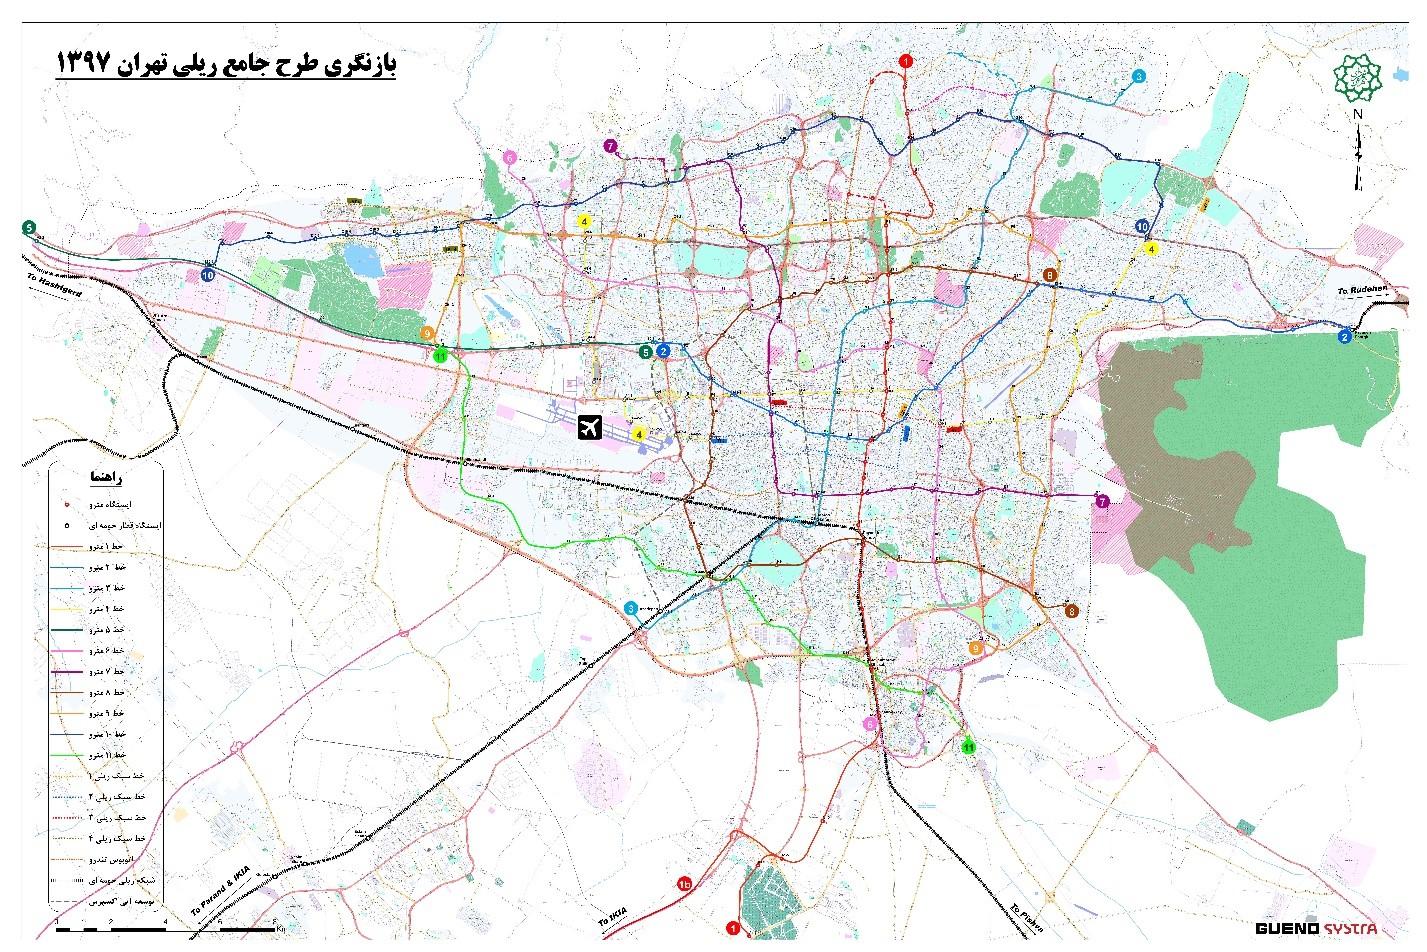 نقشه خطوط مترو تهران